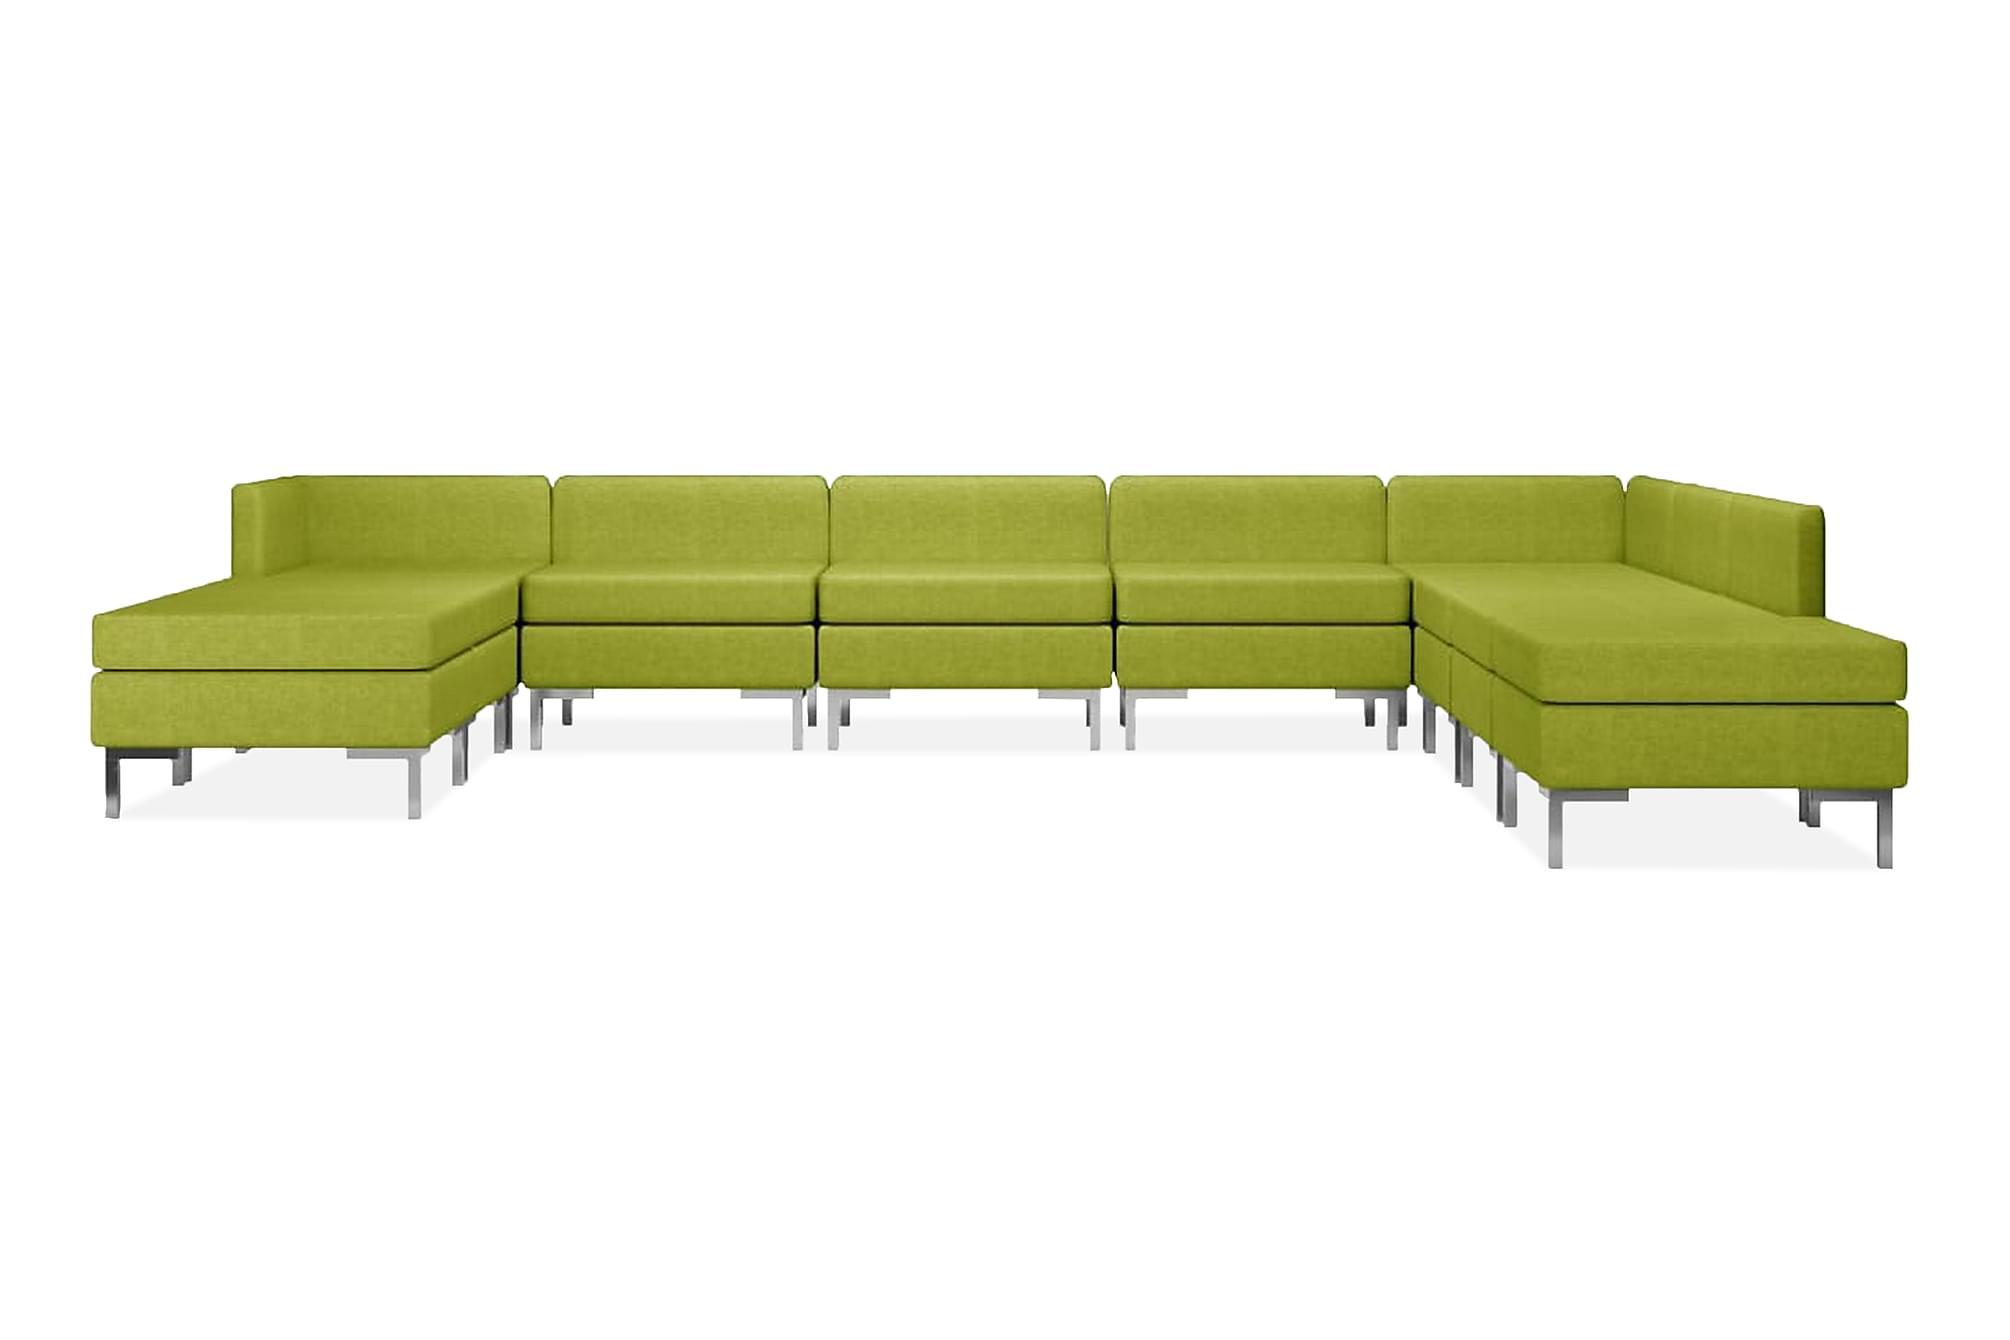 Soffgrupp tyg 10 delar grön